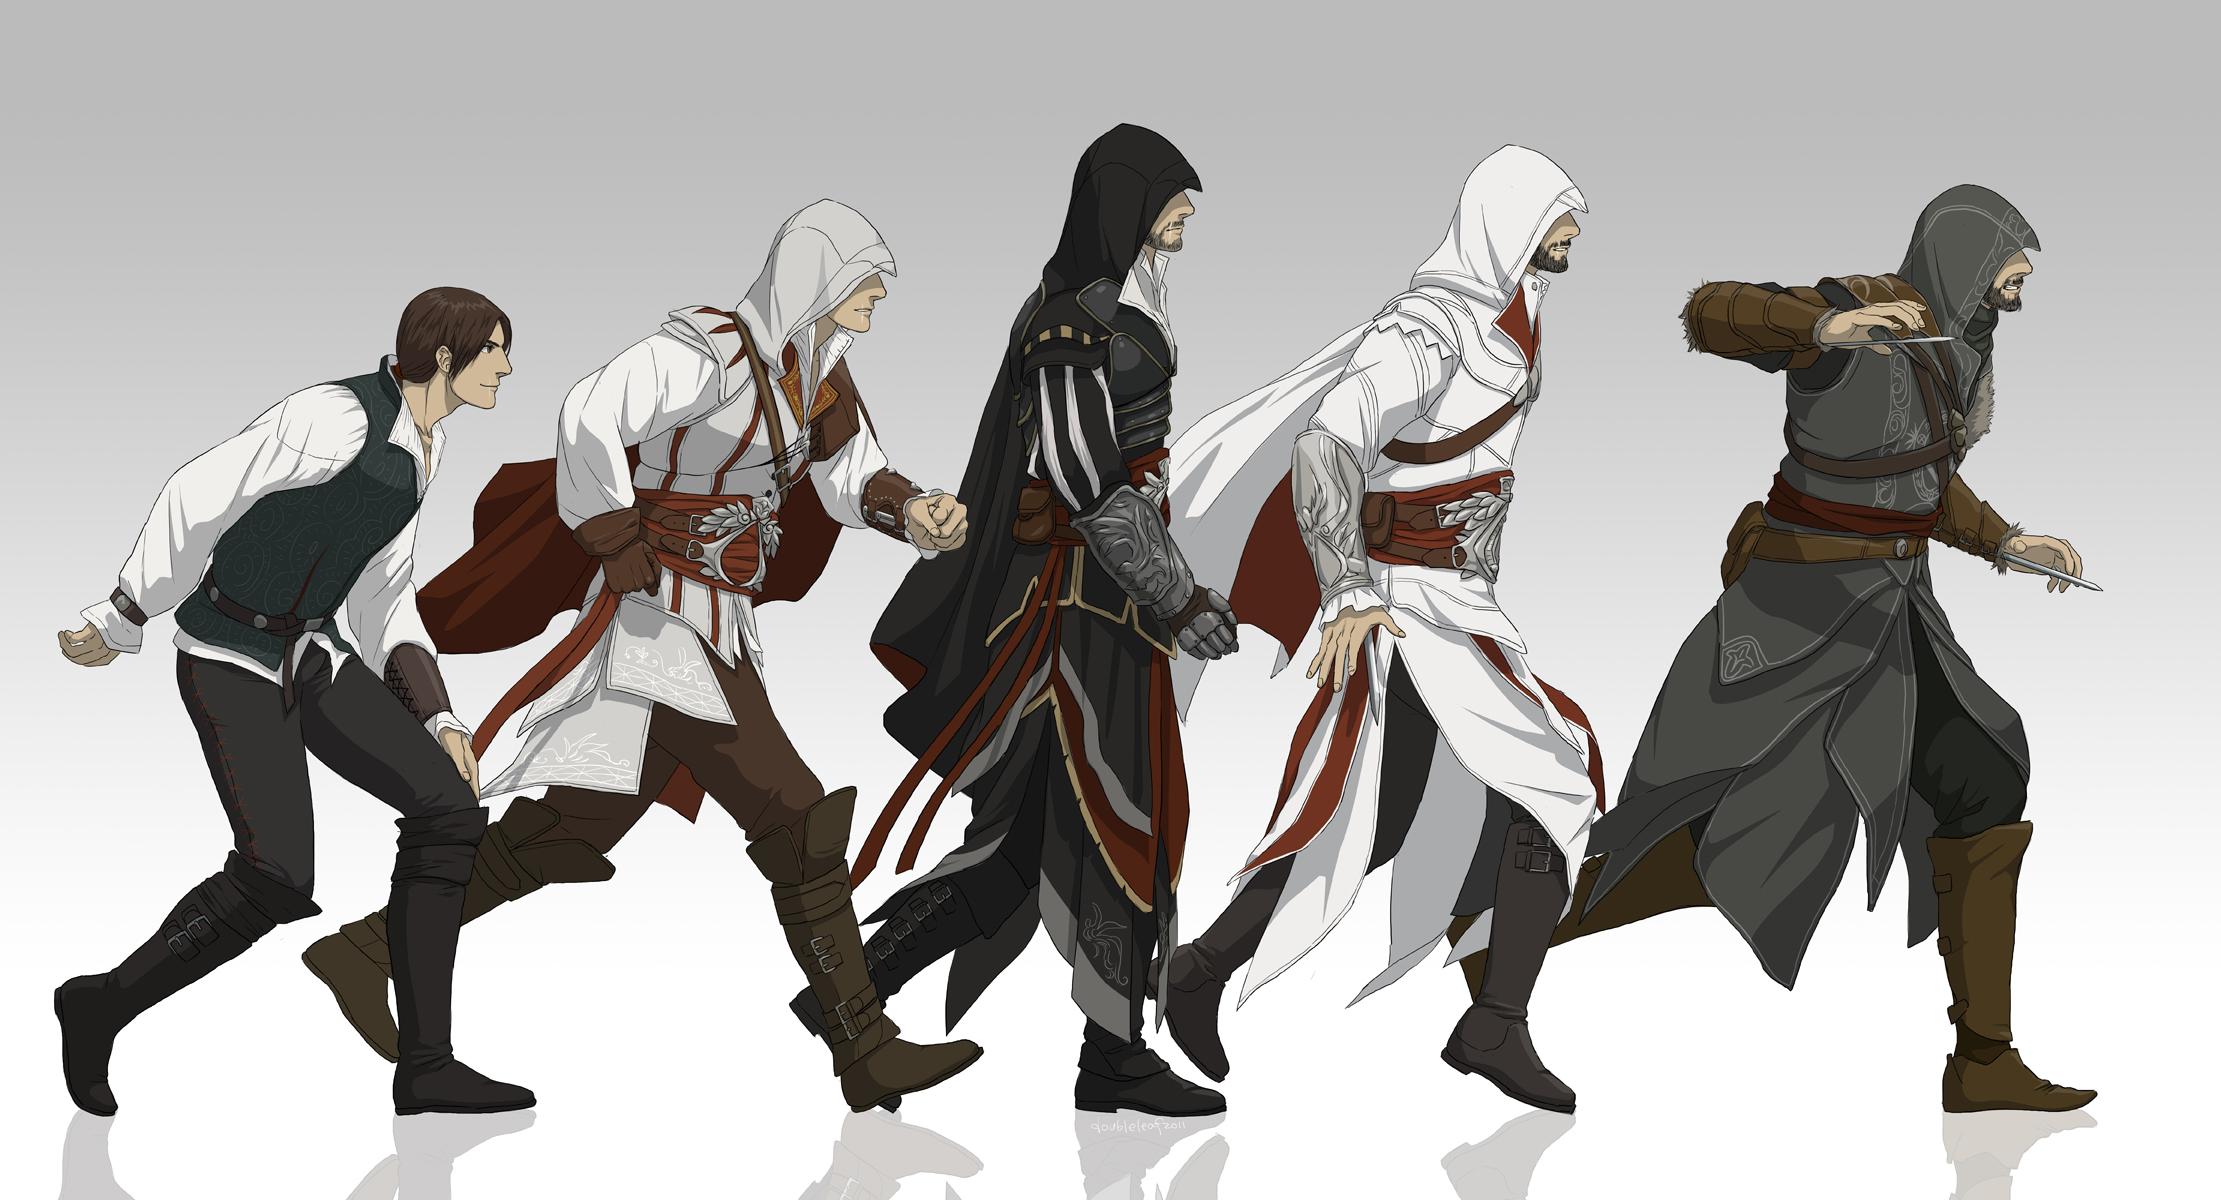 Evolution of Ezio by doubleleaf